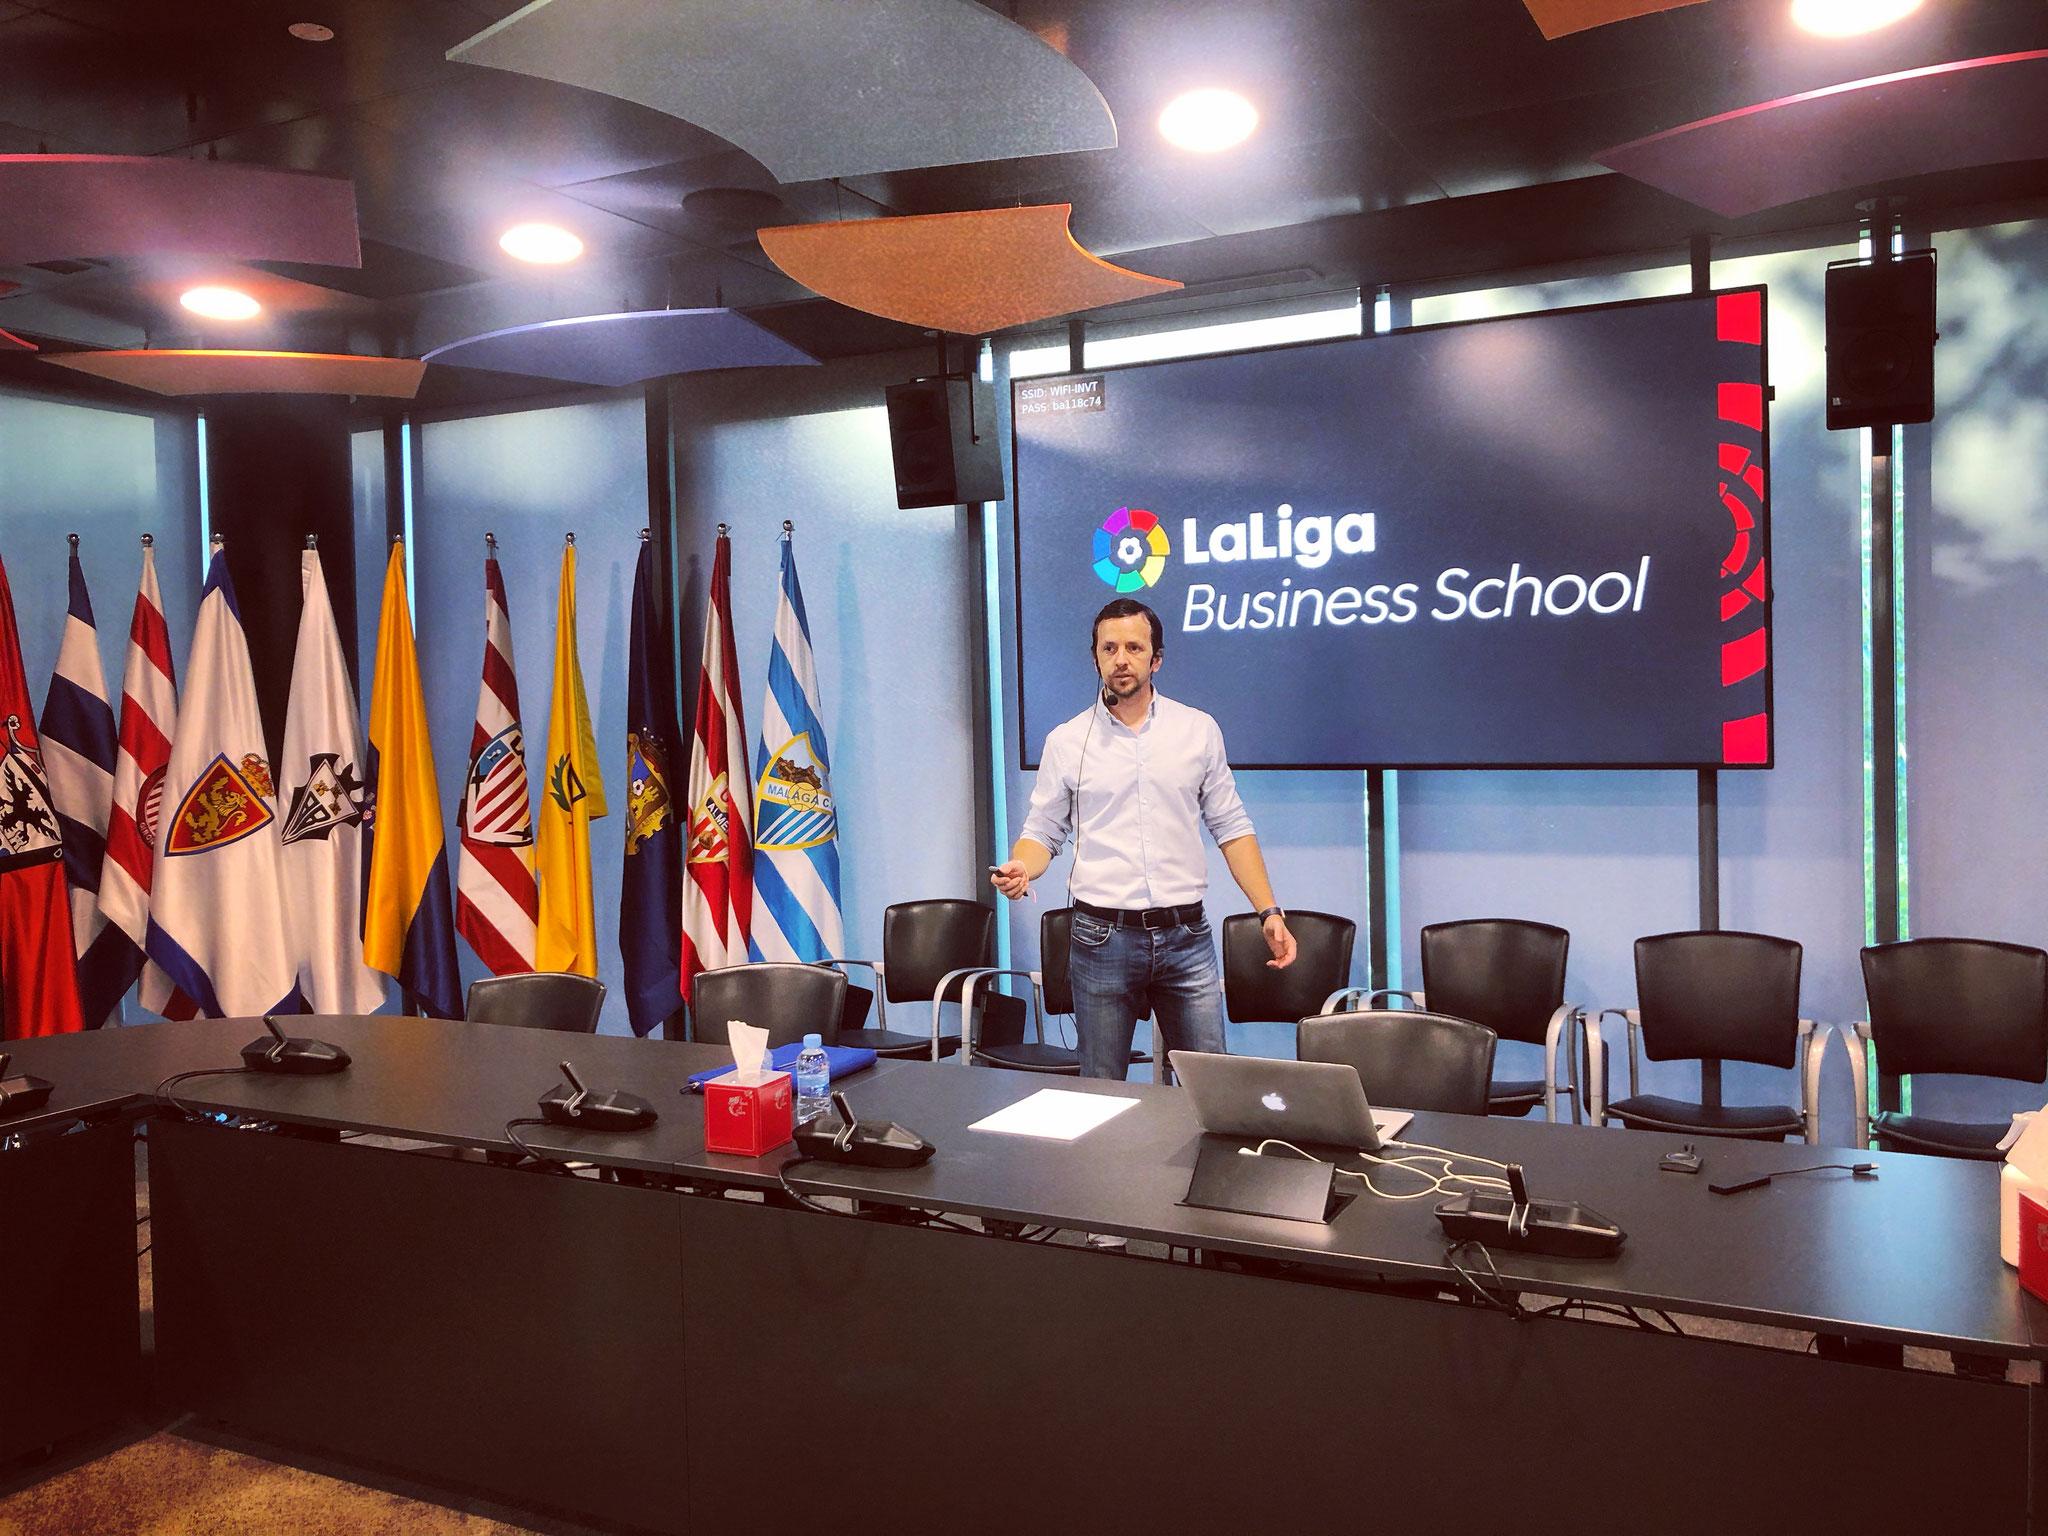 LaLiga Business School. Máster en Dirección, Metodología y Análisis en el Fútbol. Univ. Fco de Vitoria.